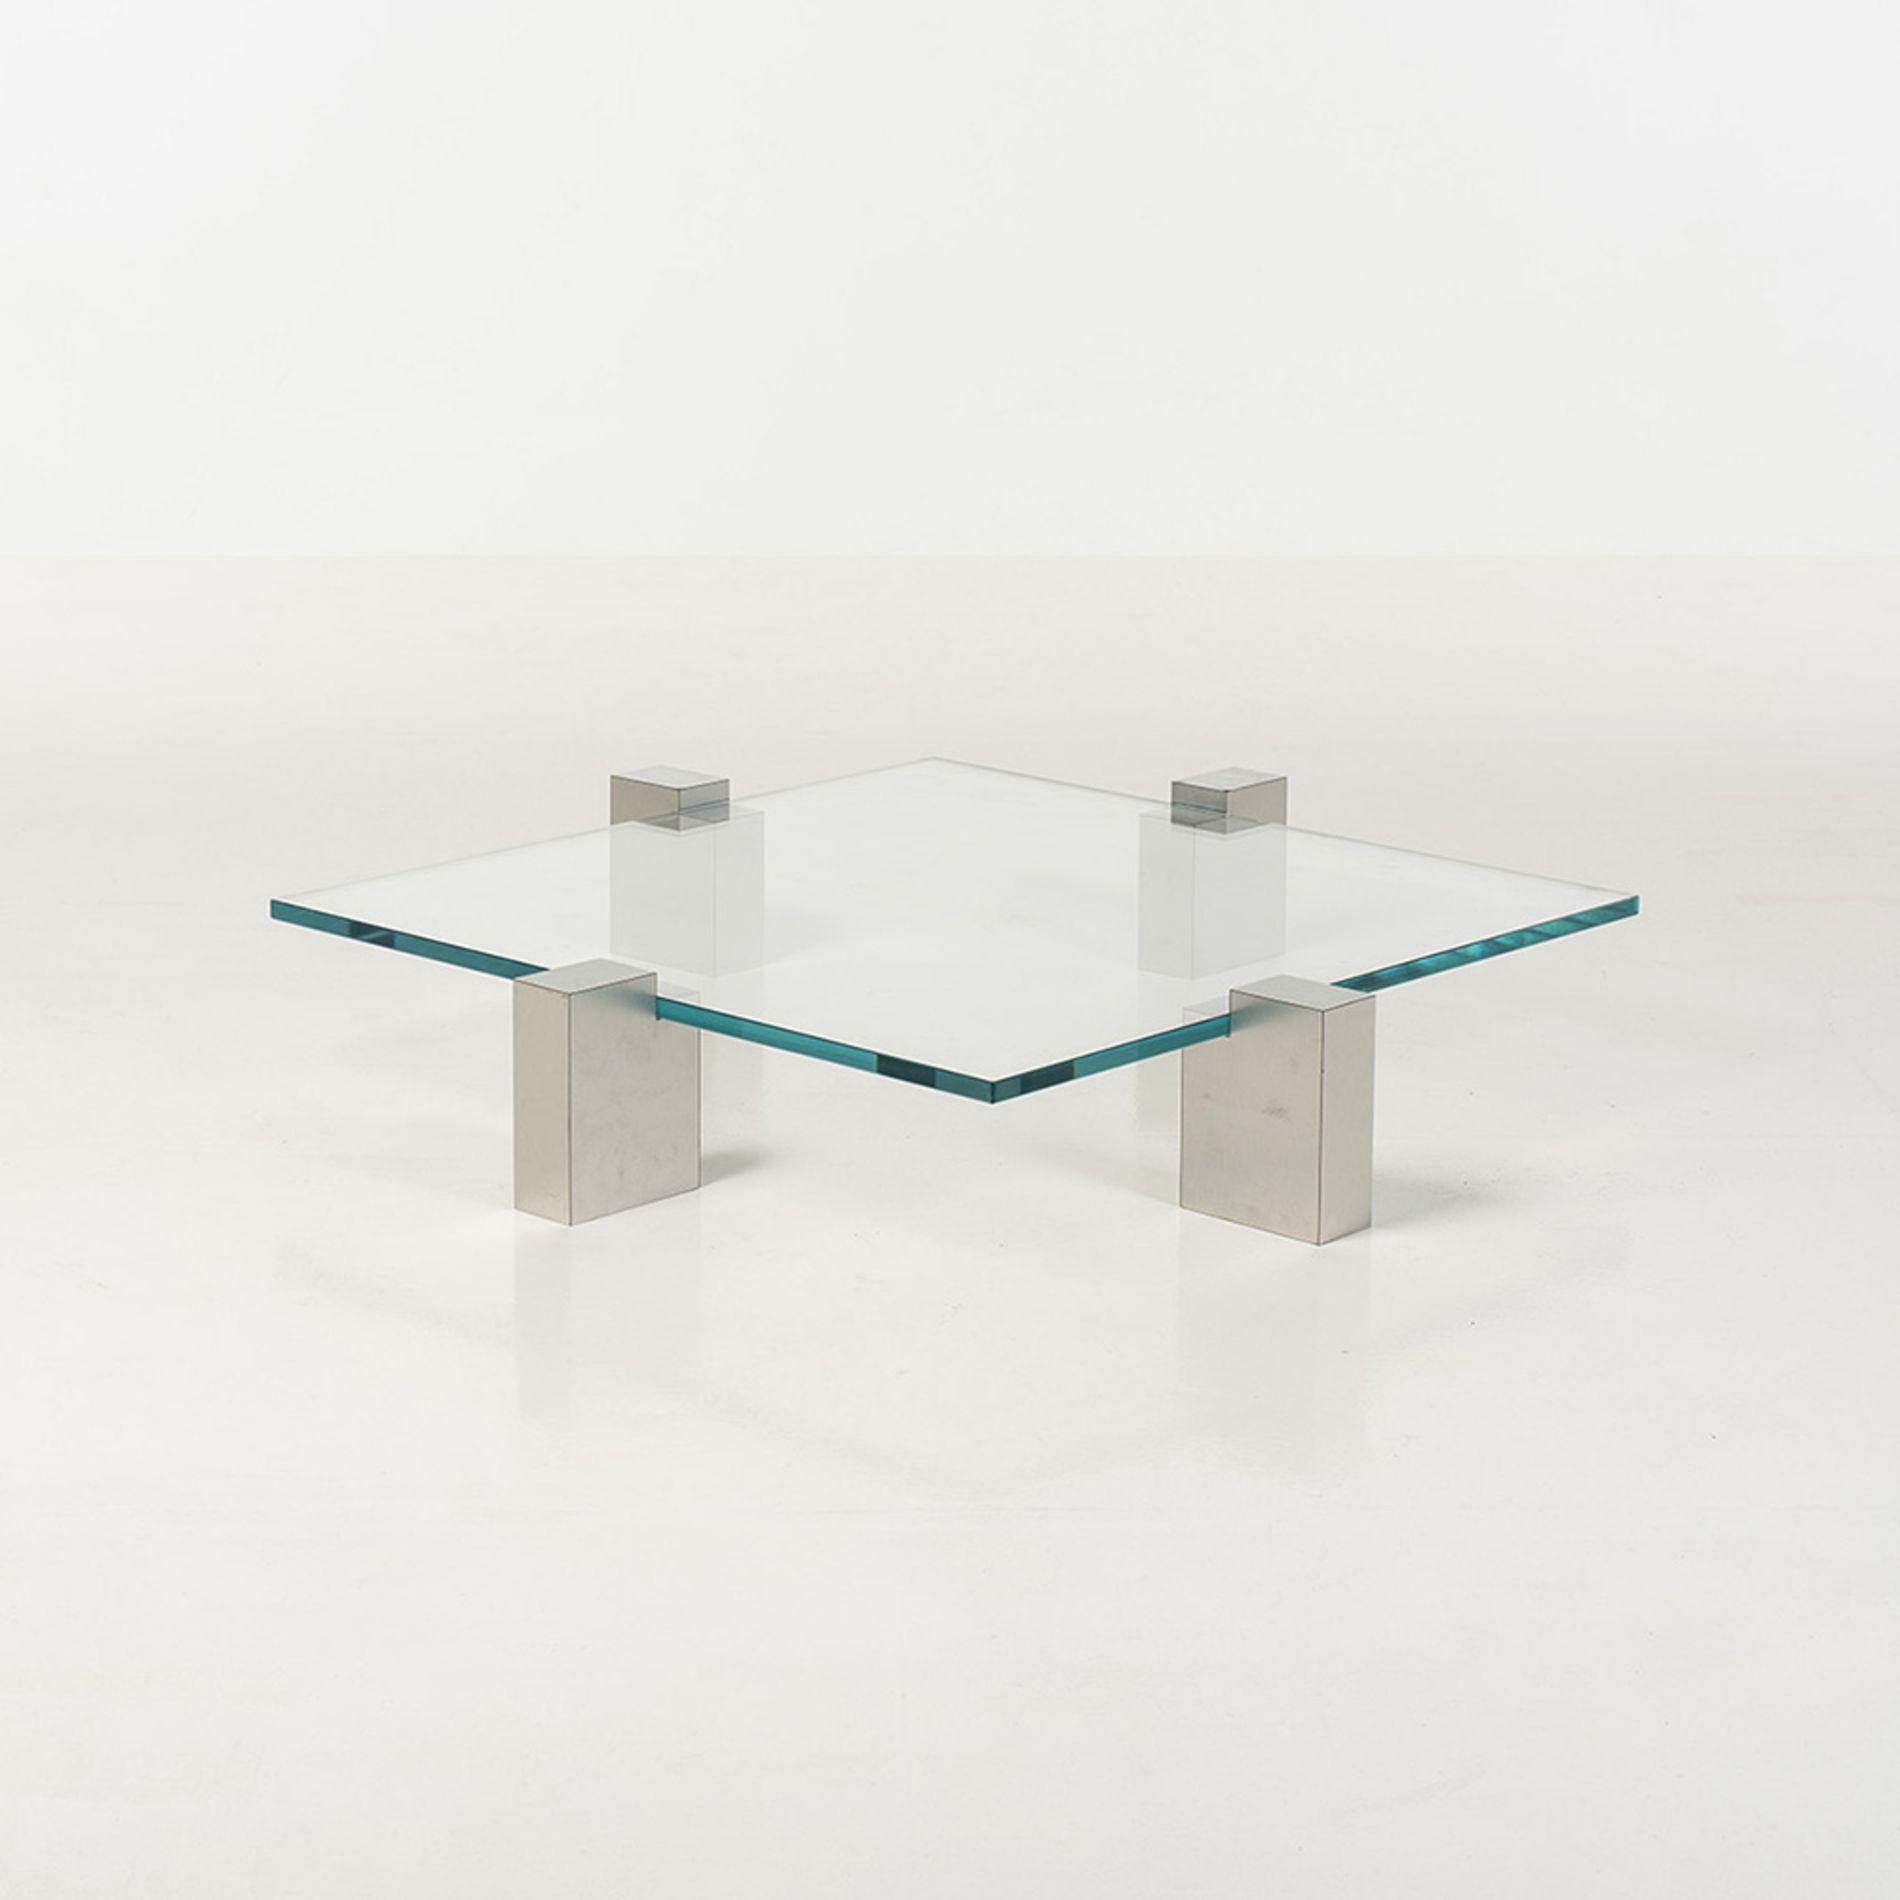 Oscar Niemeyer Glass and Metal Coffee Table for M³veis Teperman